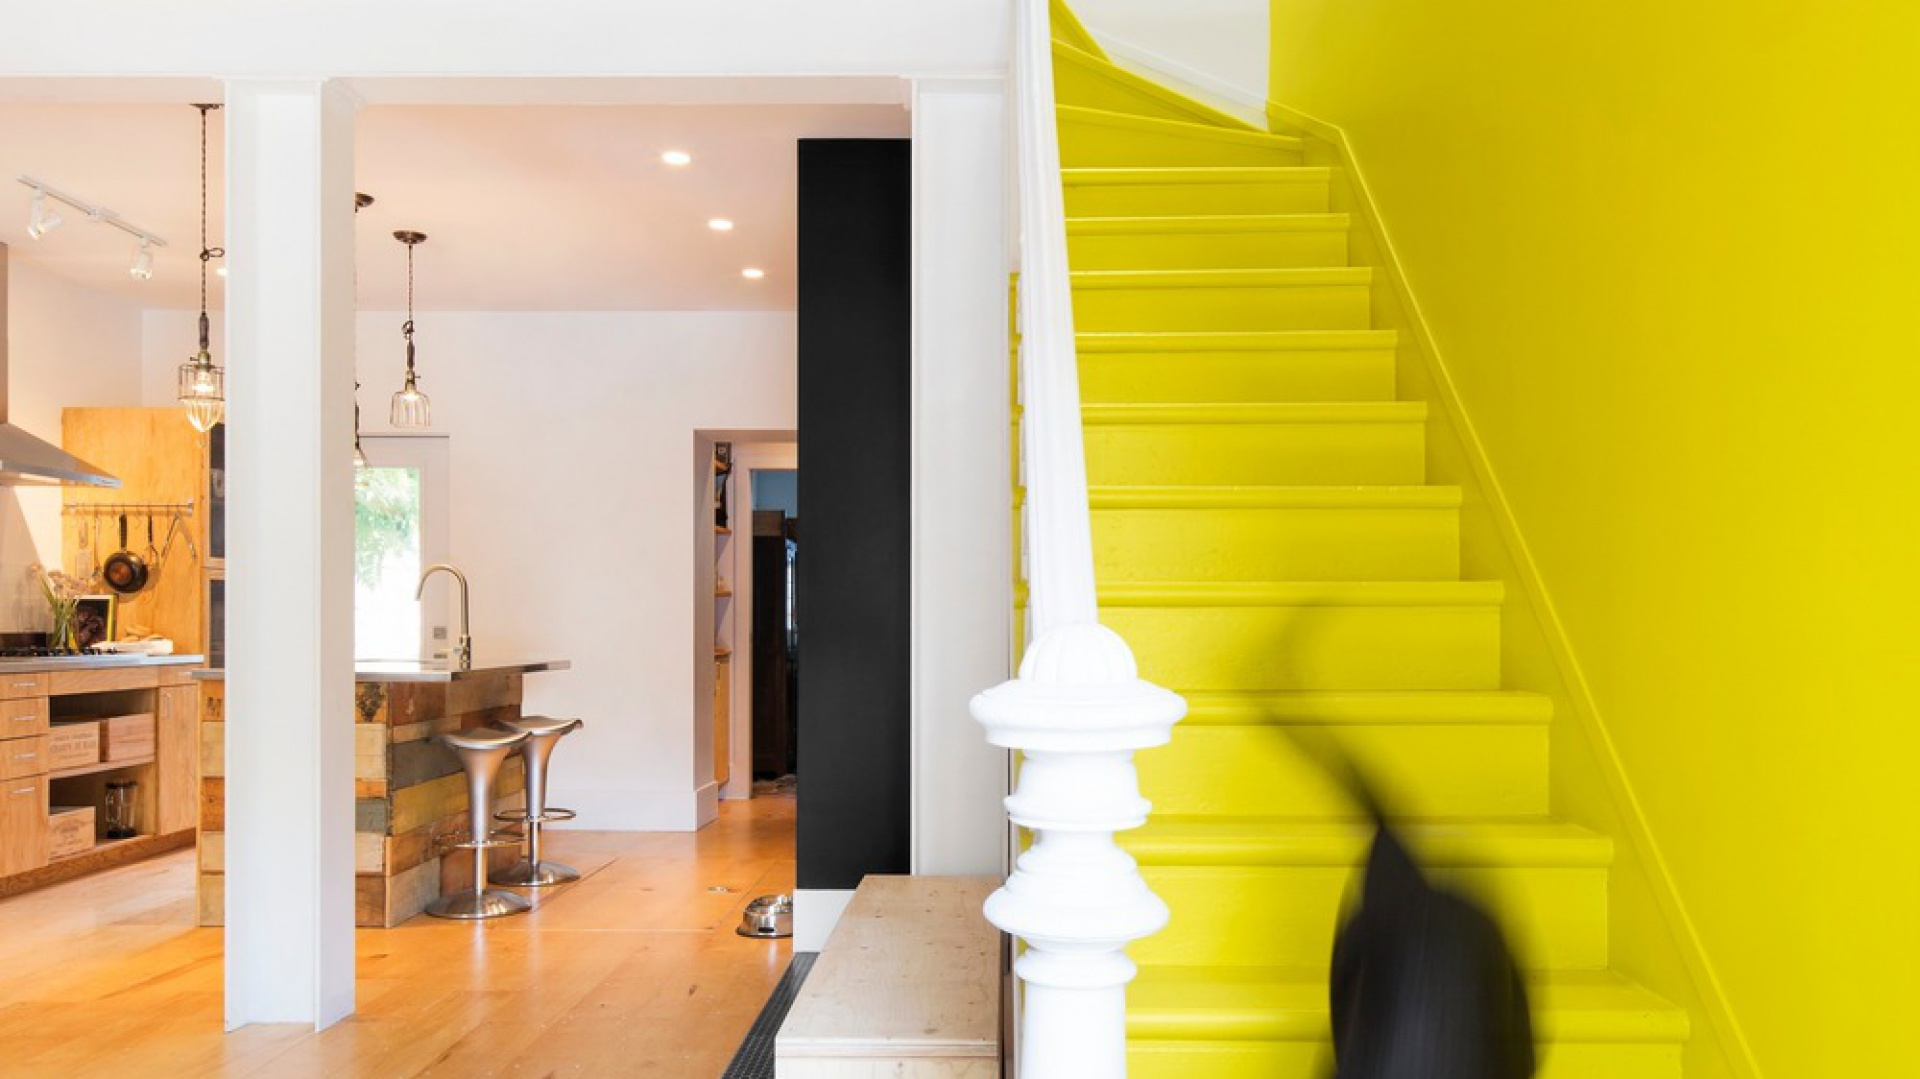 Oprócz intensywnego żółtego koloru, klatkę schodową od reszty strefy dziennej oddziela również oryginalna, czarno-biała posadzka. Projekt: MARK+VIVI. Fot. Adrien Williams.